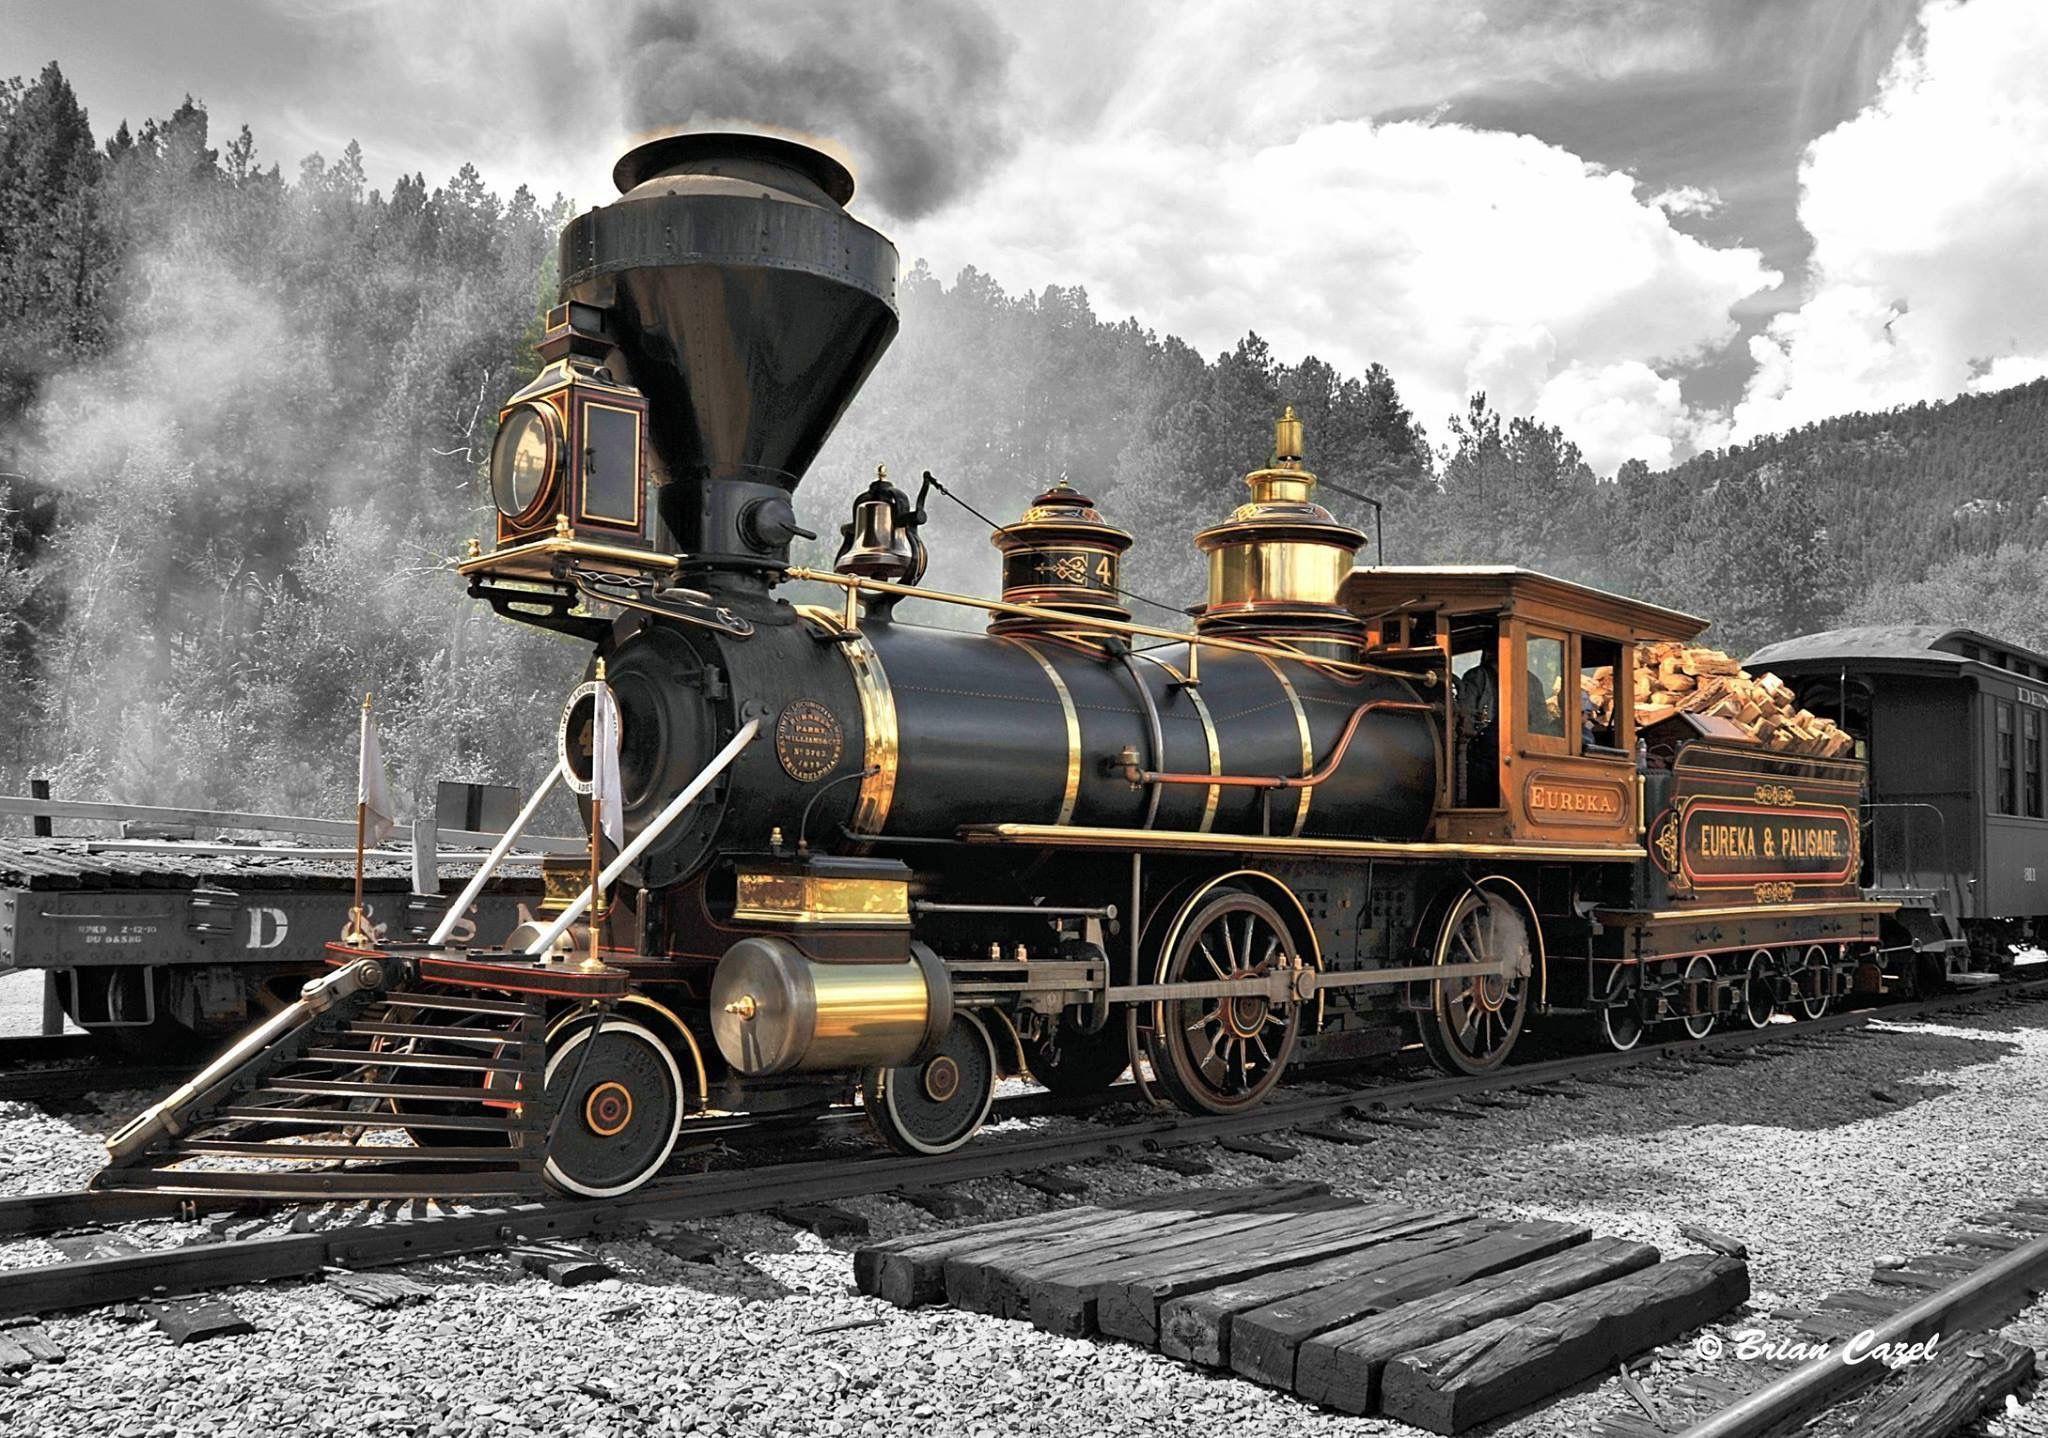 связать много фотографии старых паровозов техники, материалы ландшафтные